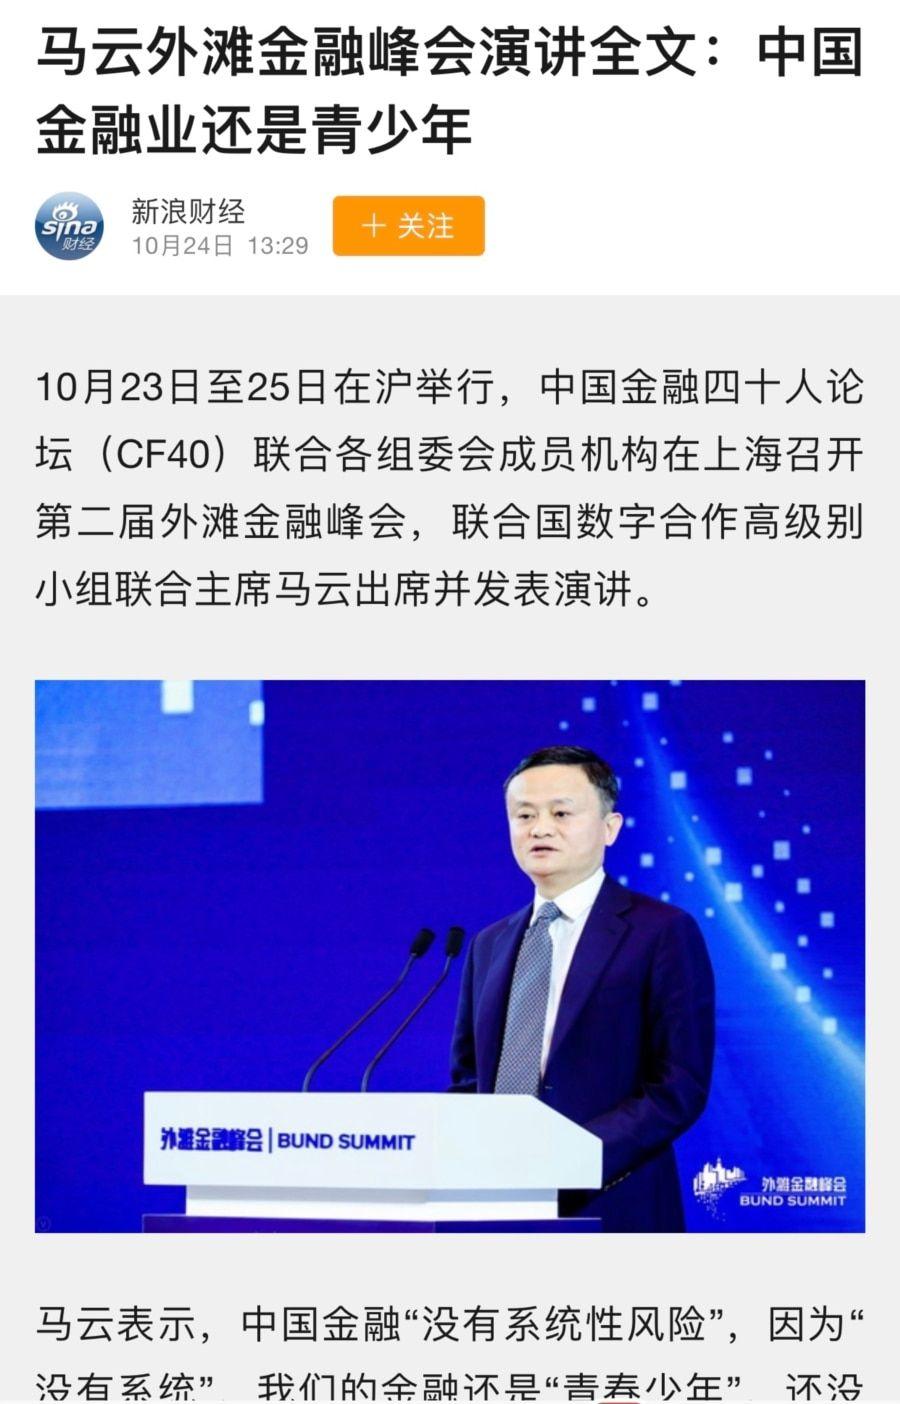 2020年10月24日,马云在上海举行的金融峰会上炮轰中国金融体系。(图片为新浪网页截屏)